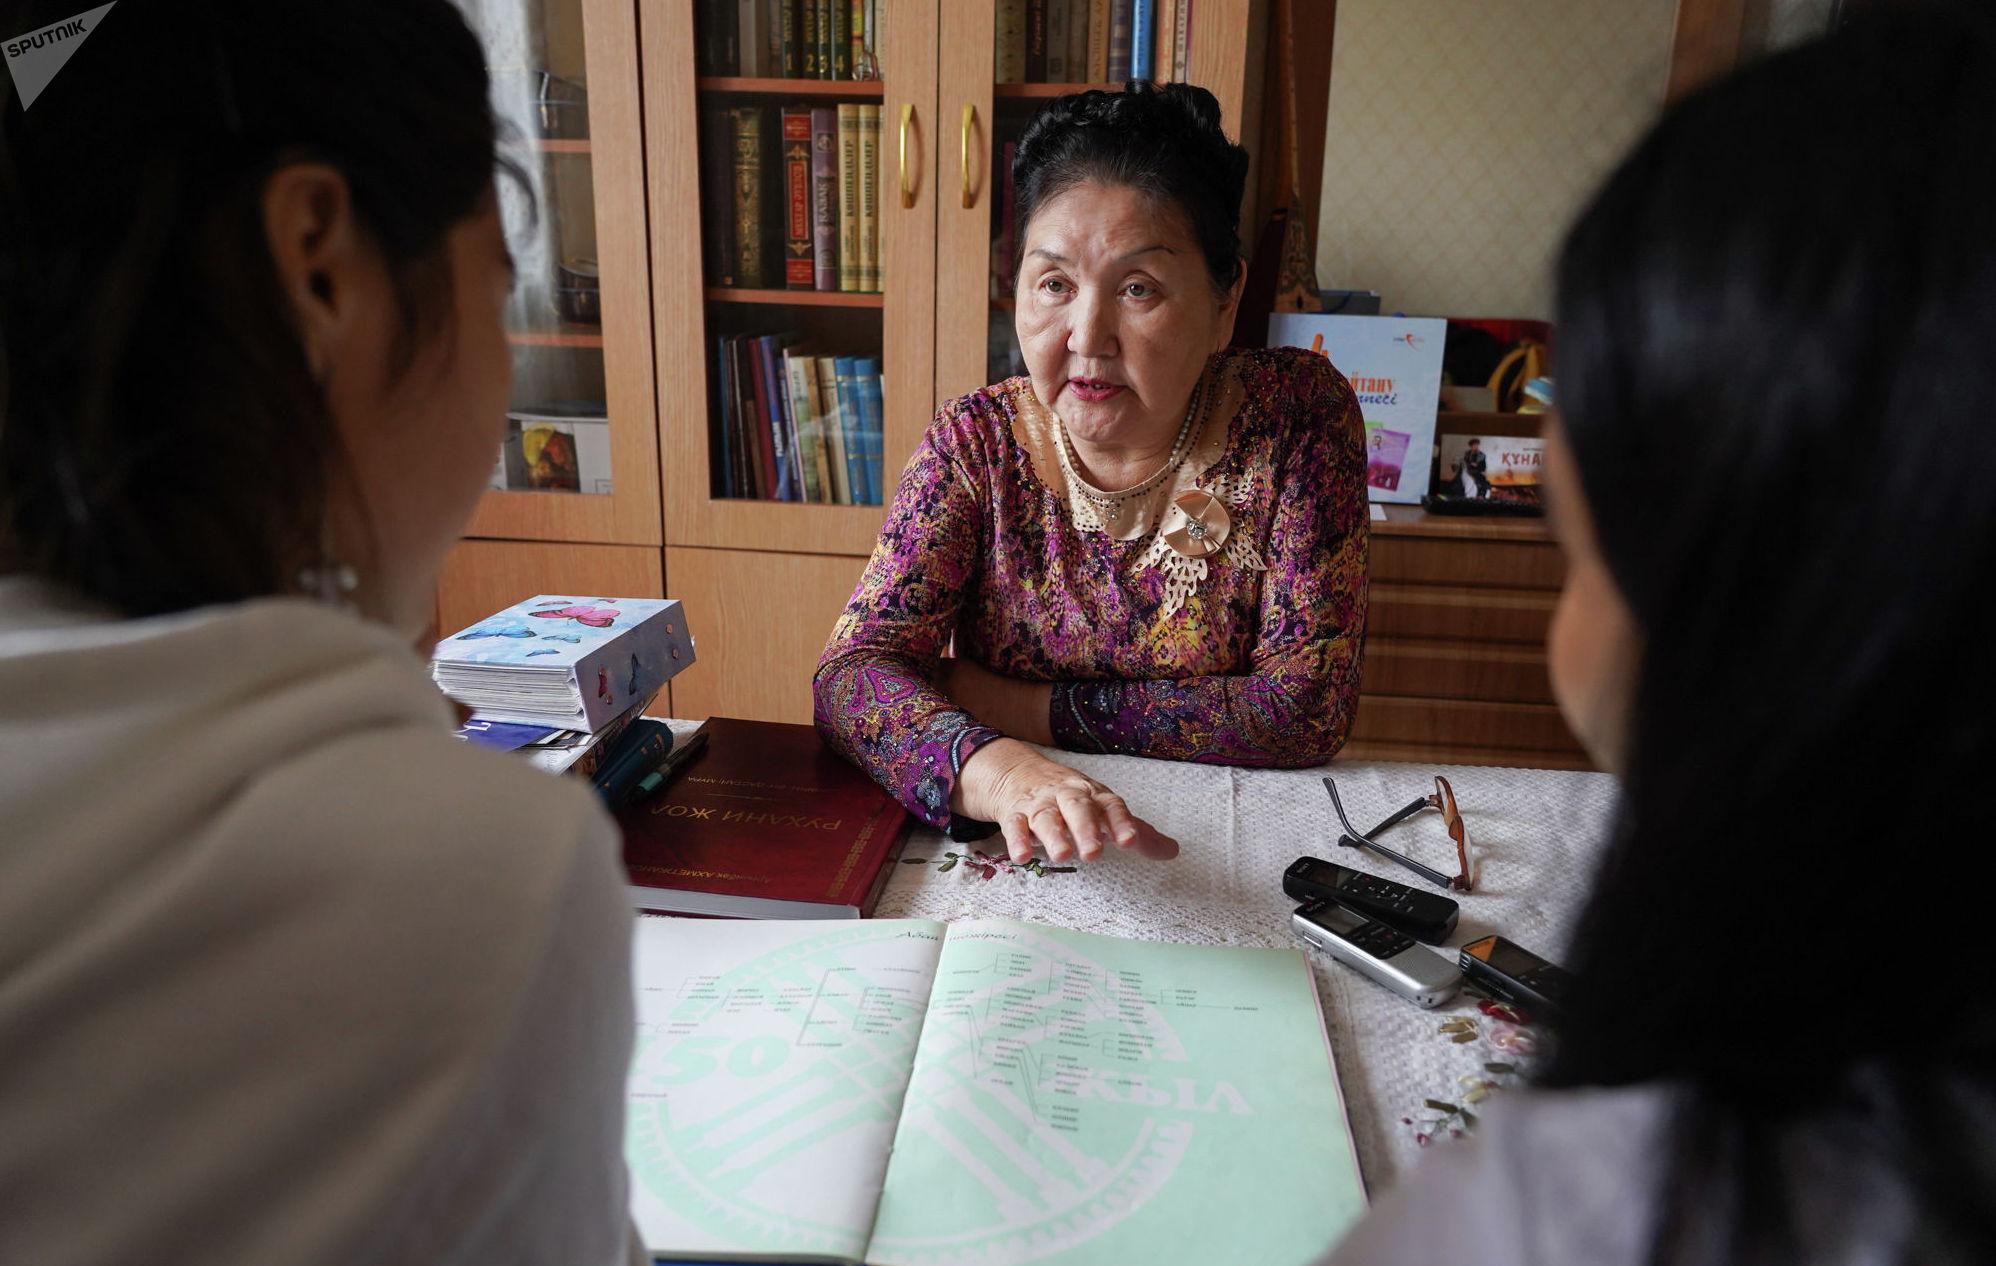 Ляйля Мухлискызы много лет проработала на ниве просвещения: окончив институт, она стала учителем русского языка в школе, затем преподавала в техникуме.